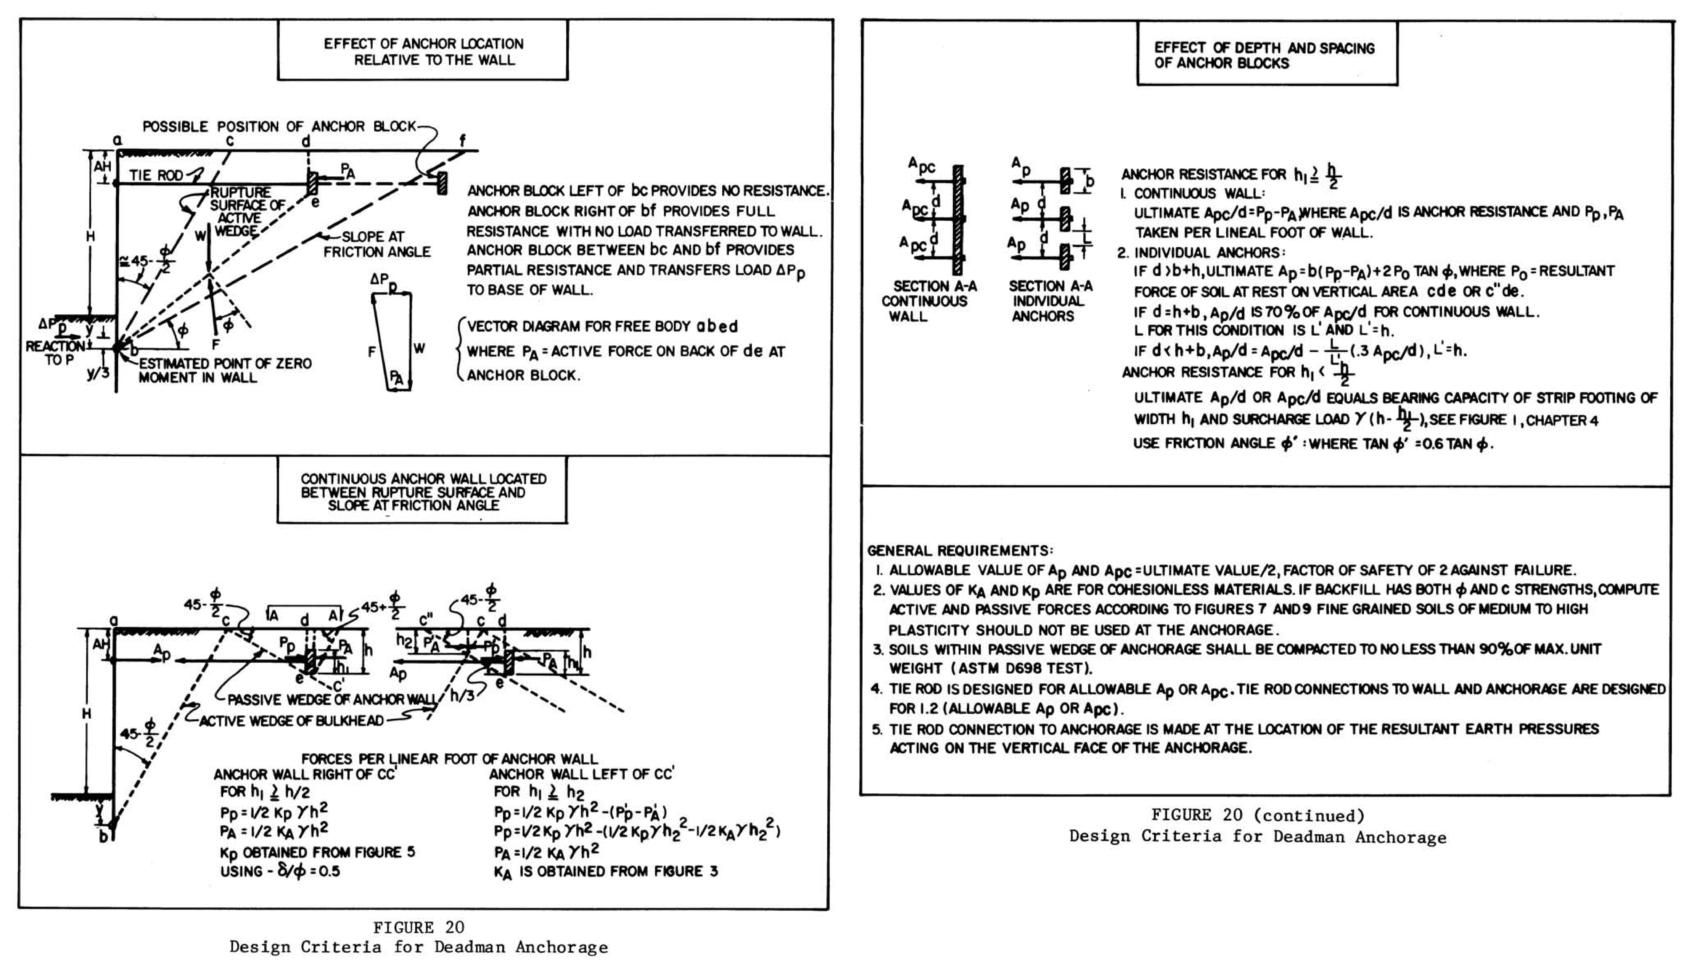 anchor block design spreadsheet  Anchor Block Design Spreadsheet With Regard To Sheet Pile Design Spreadsheet  Islamopedia Anchor Block Design Spreadsheet Printable Spreadshee